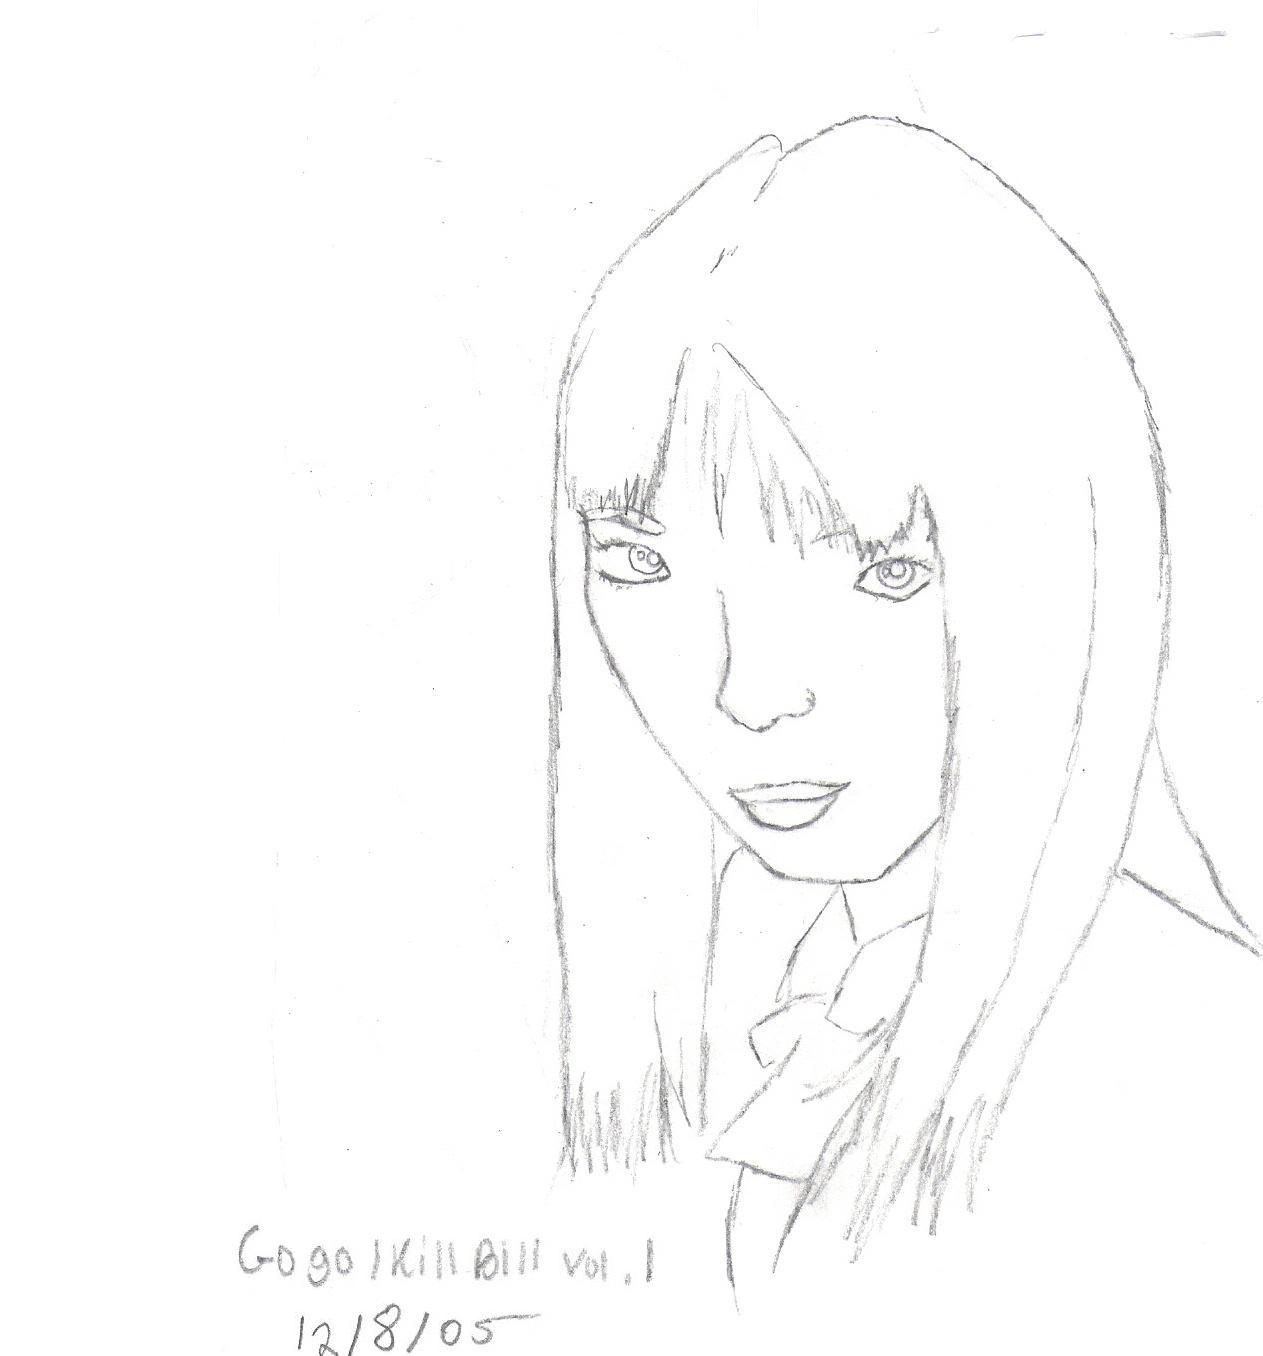 Gogo by Gerardthedevil